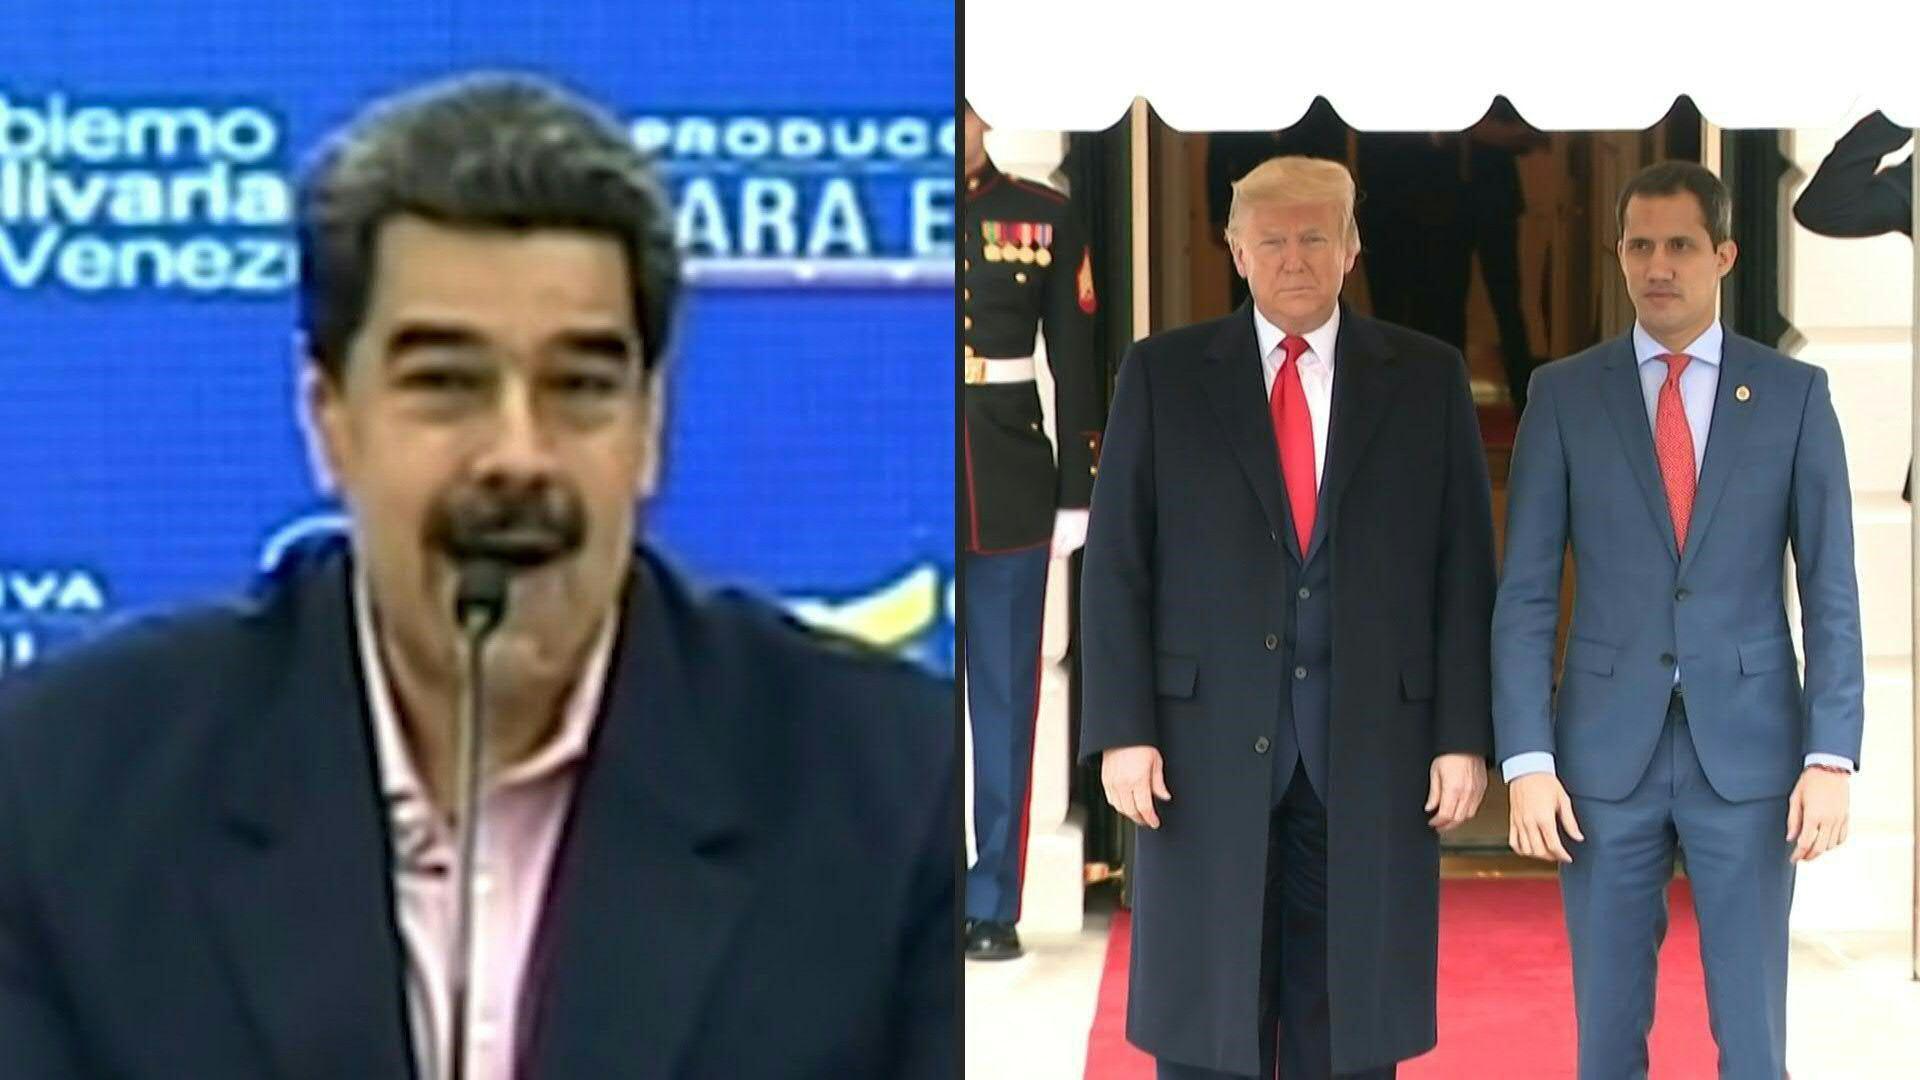 """El presidente venezolano, Nicolás Maduro, acusó el miércoles a Donald Trump de conducir a Estados Unidos a un conflicto de """"alto nivel contra Venezuela"""", luego de que el mandatario estadounidense prometiera """"aplastar"""" a su gobierno e invitara al opositor Juan Guaidó a la Casa Blanca."""